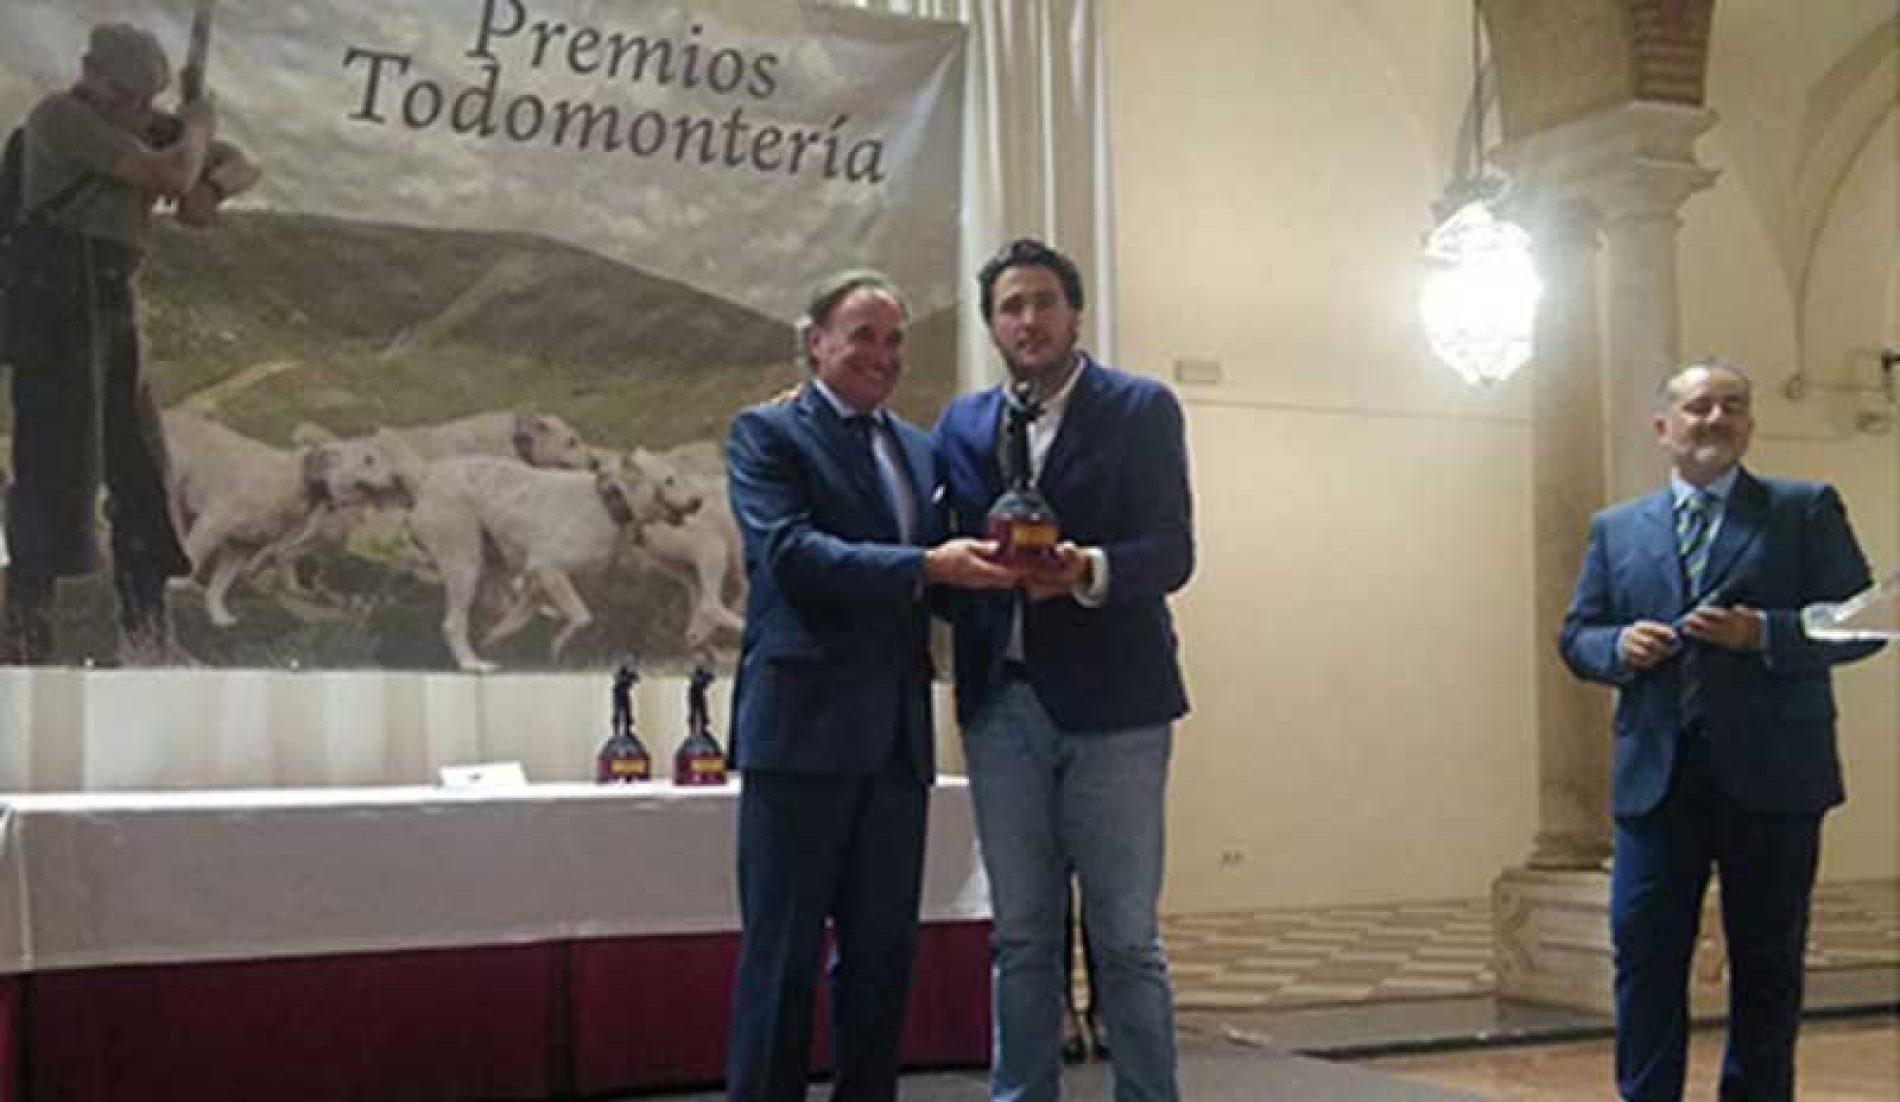 La RFEC 'Entidad del Año' en la gala de los Premios Todomontería 2017